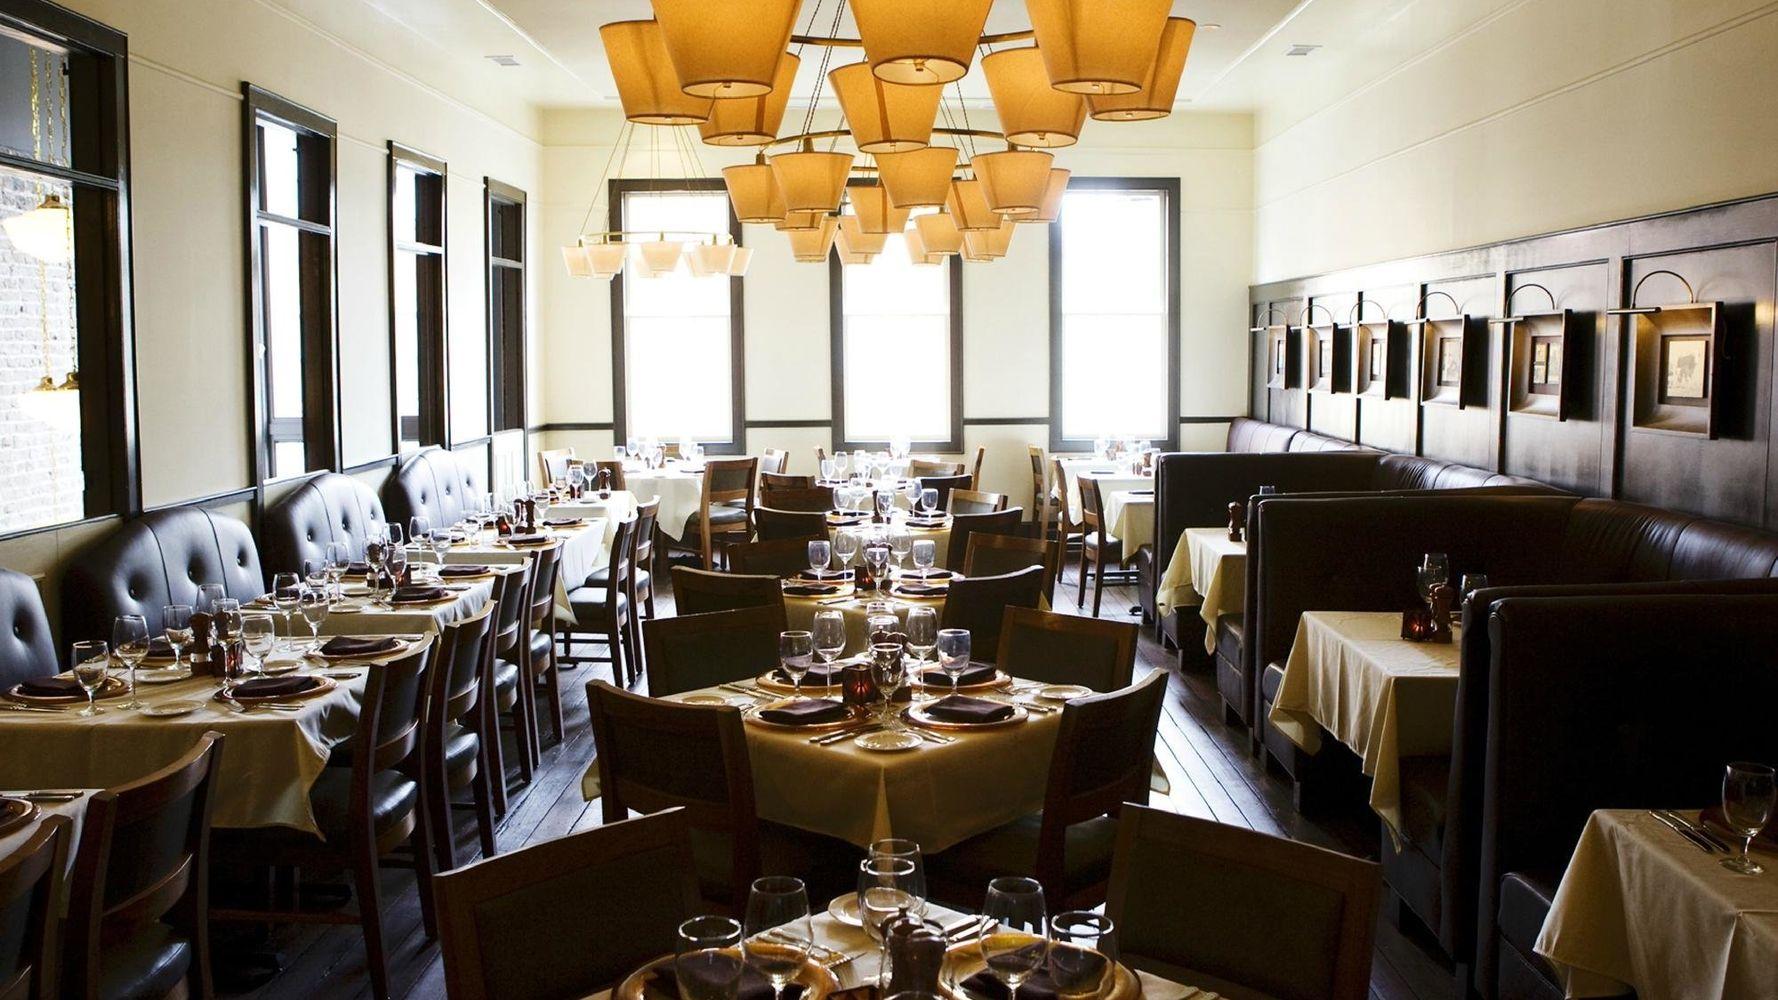 The 10 Best Restaurants In The U.S.